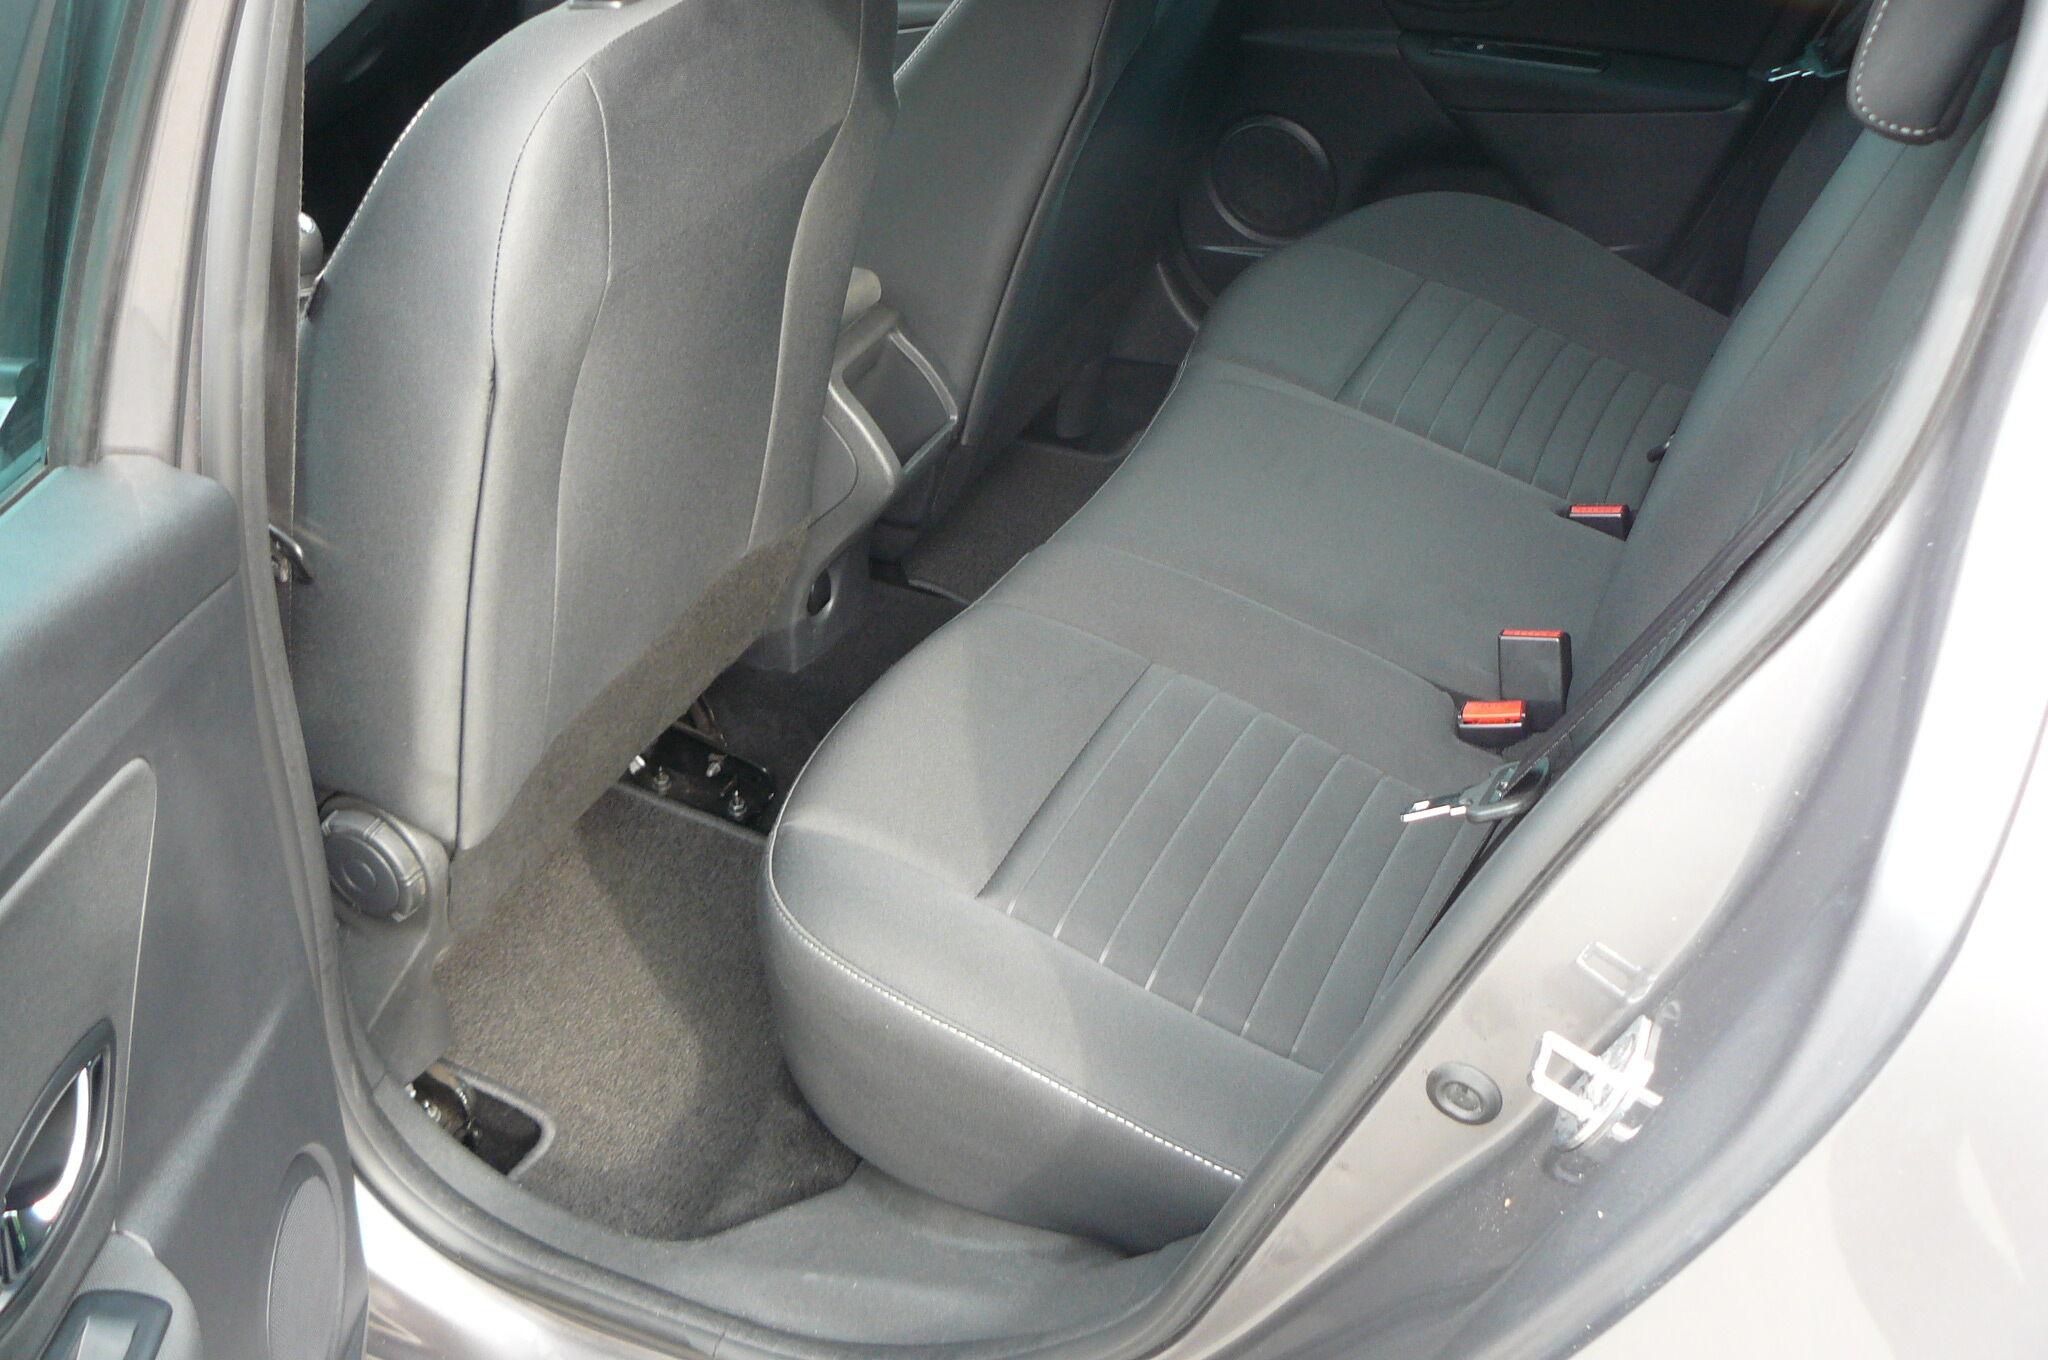 Renault Megane 1.2 TCe Navigatie 1 jaar garantie 1 an